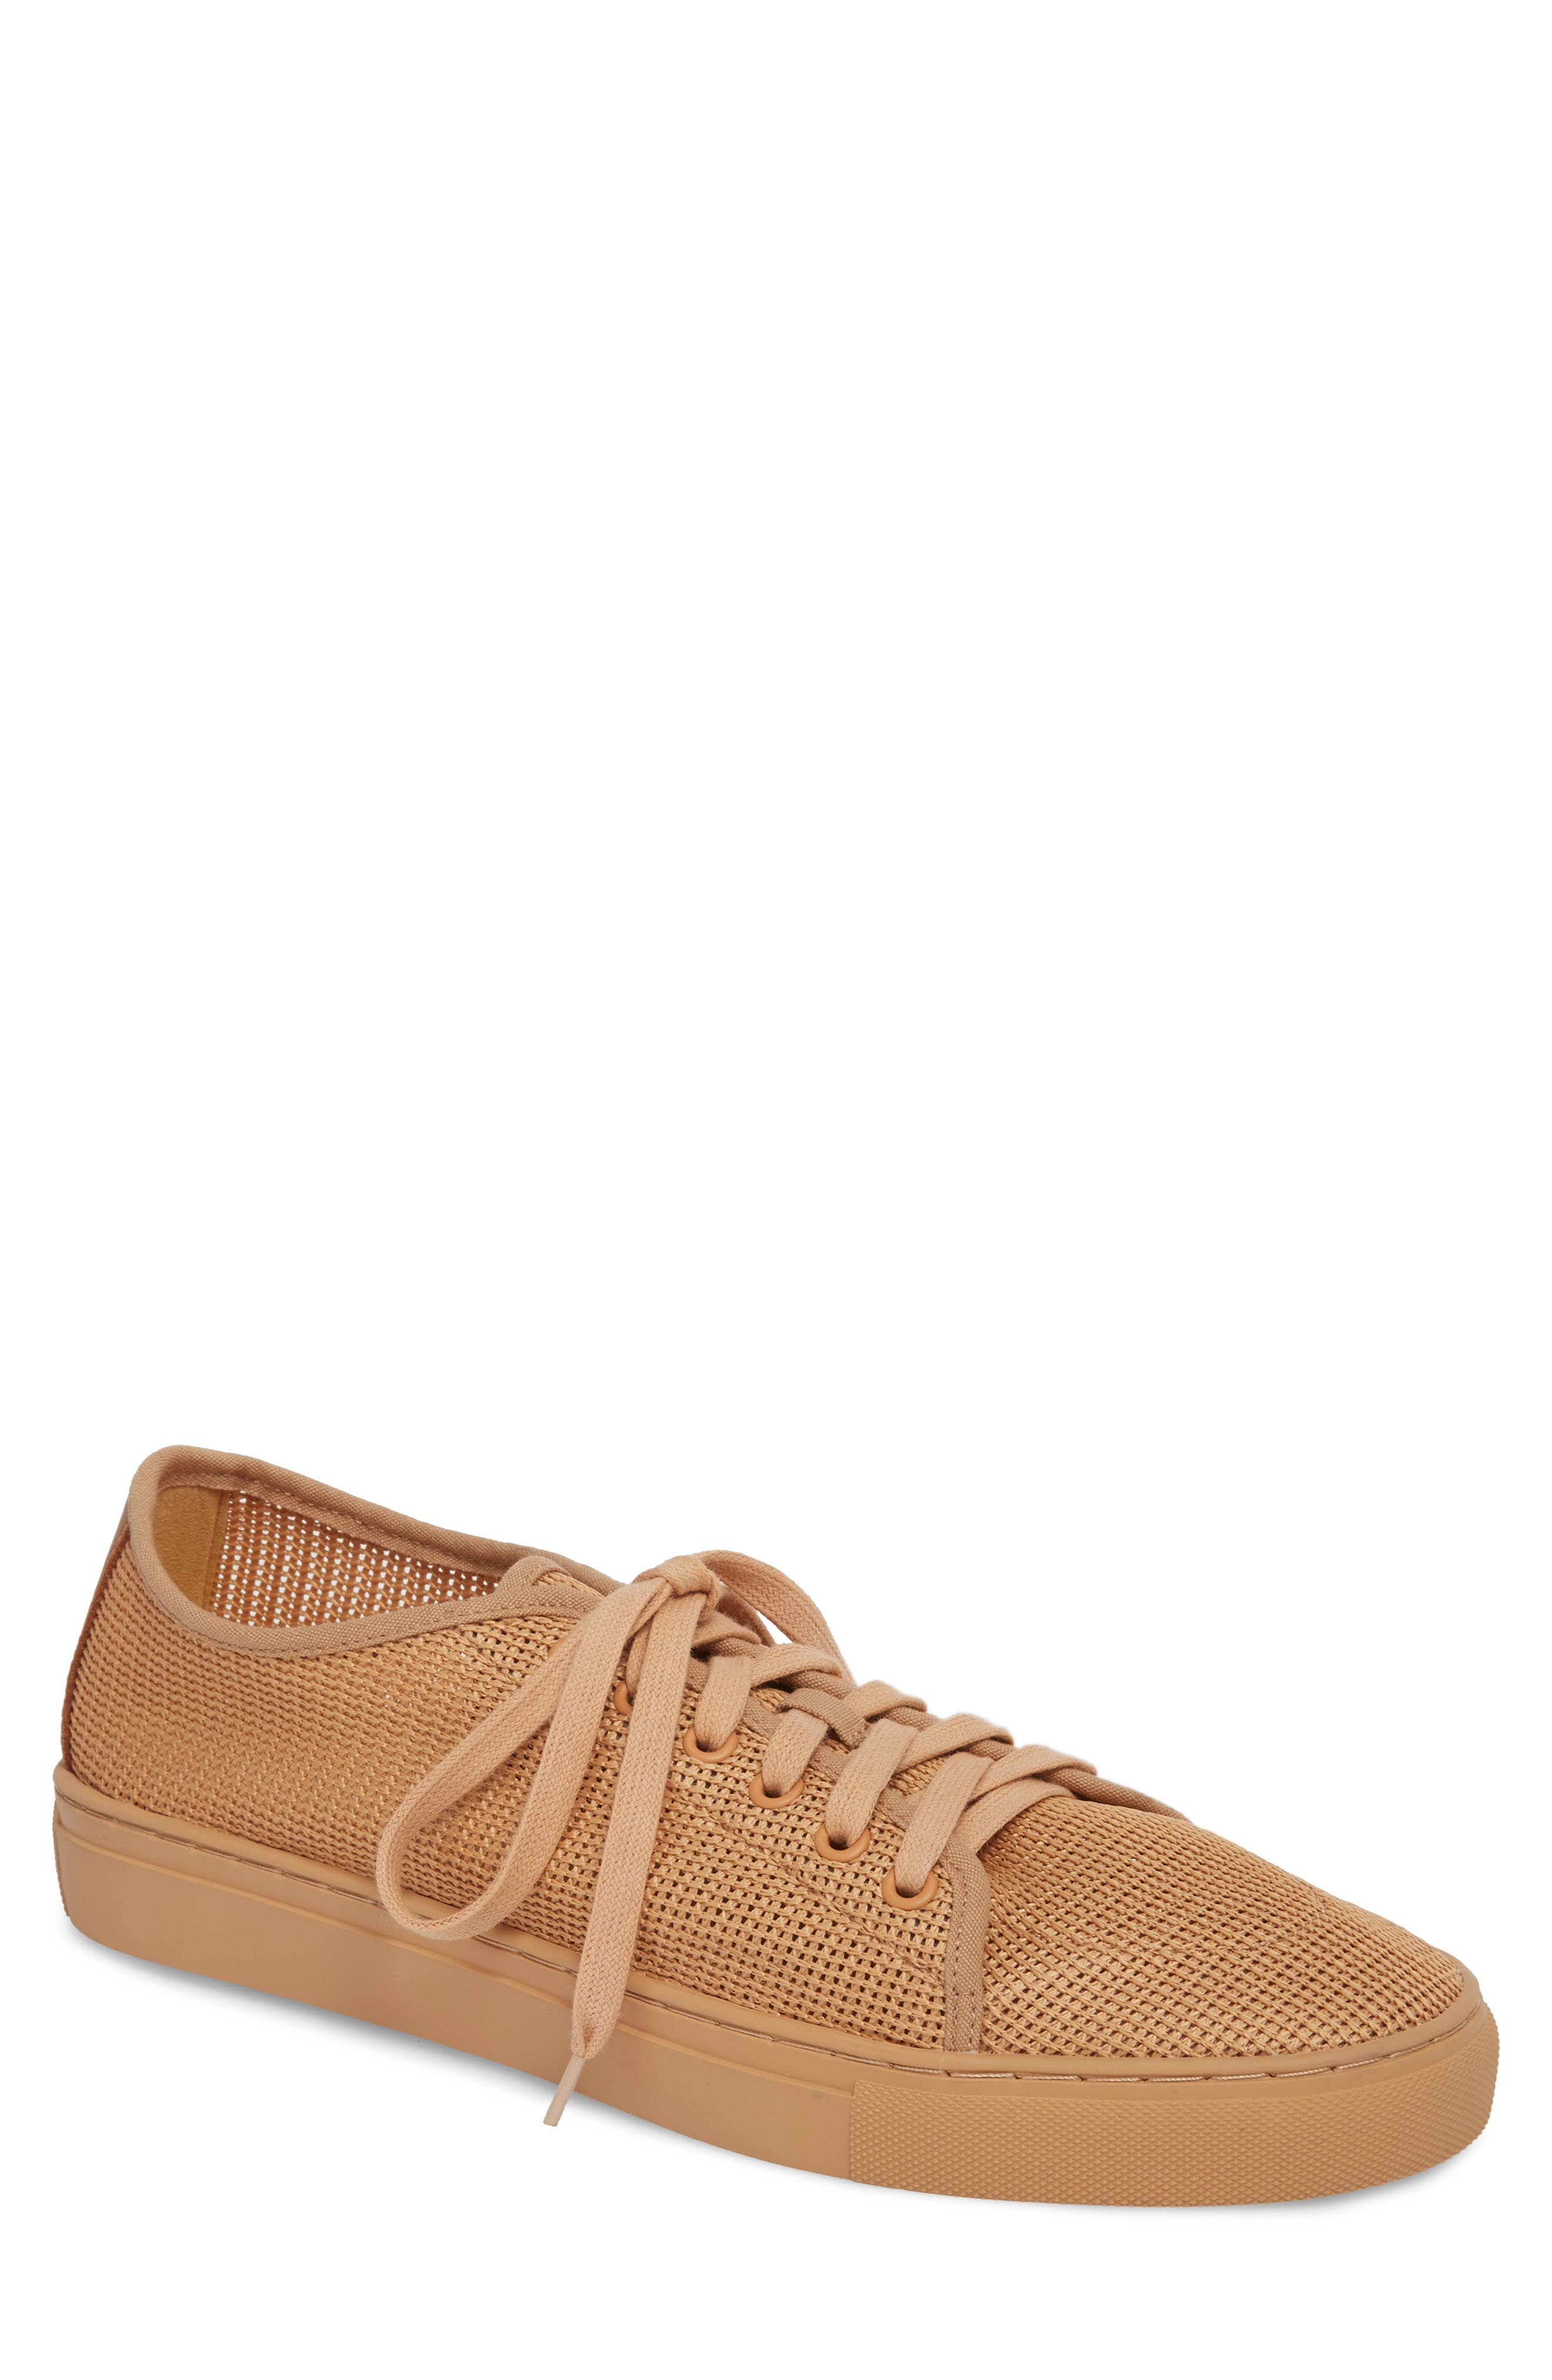 Abel Mesh Sneaker,                         Main,                         color, Sand Mesh